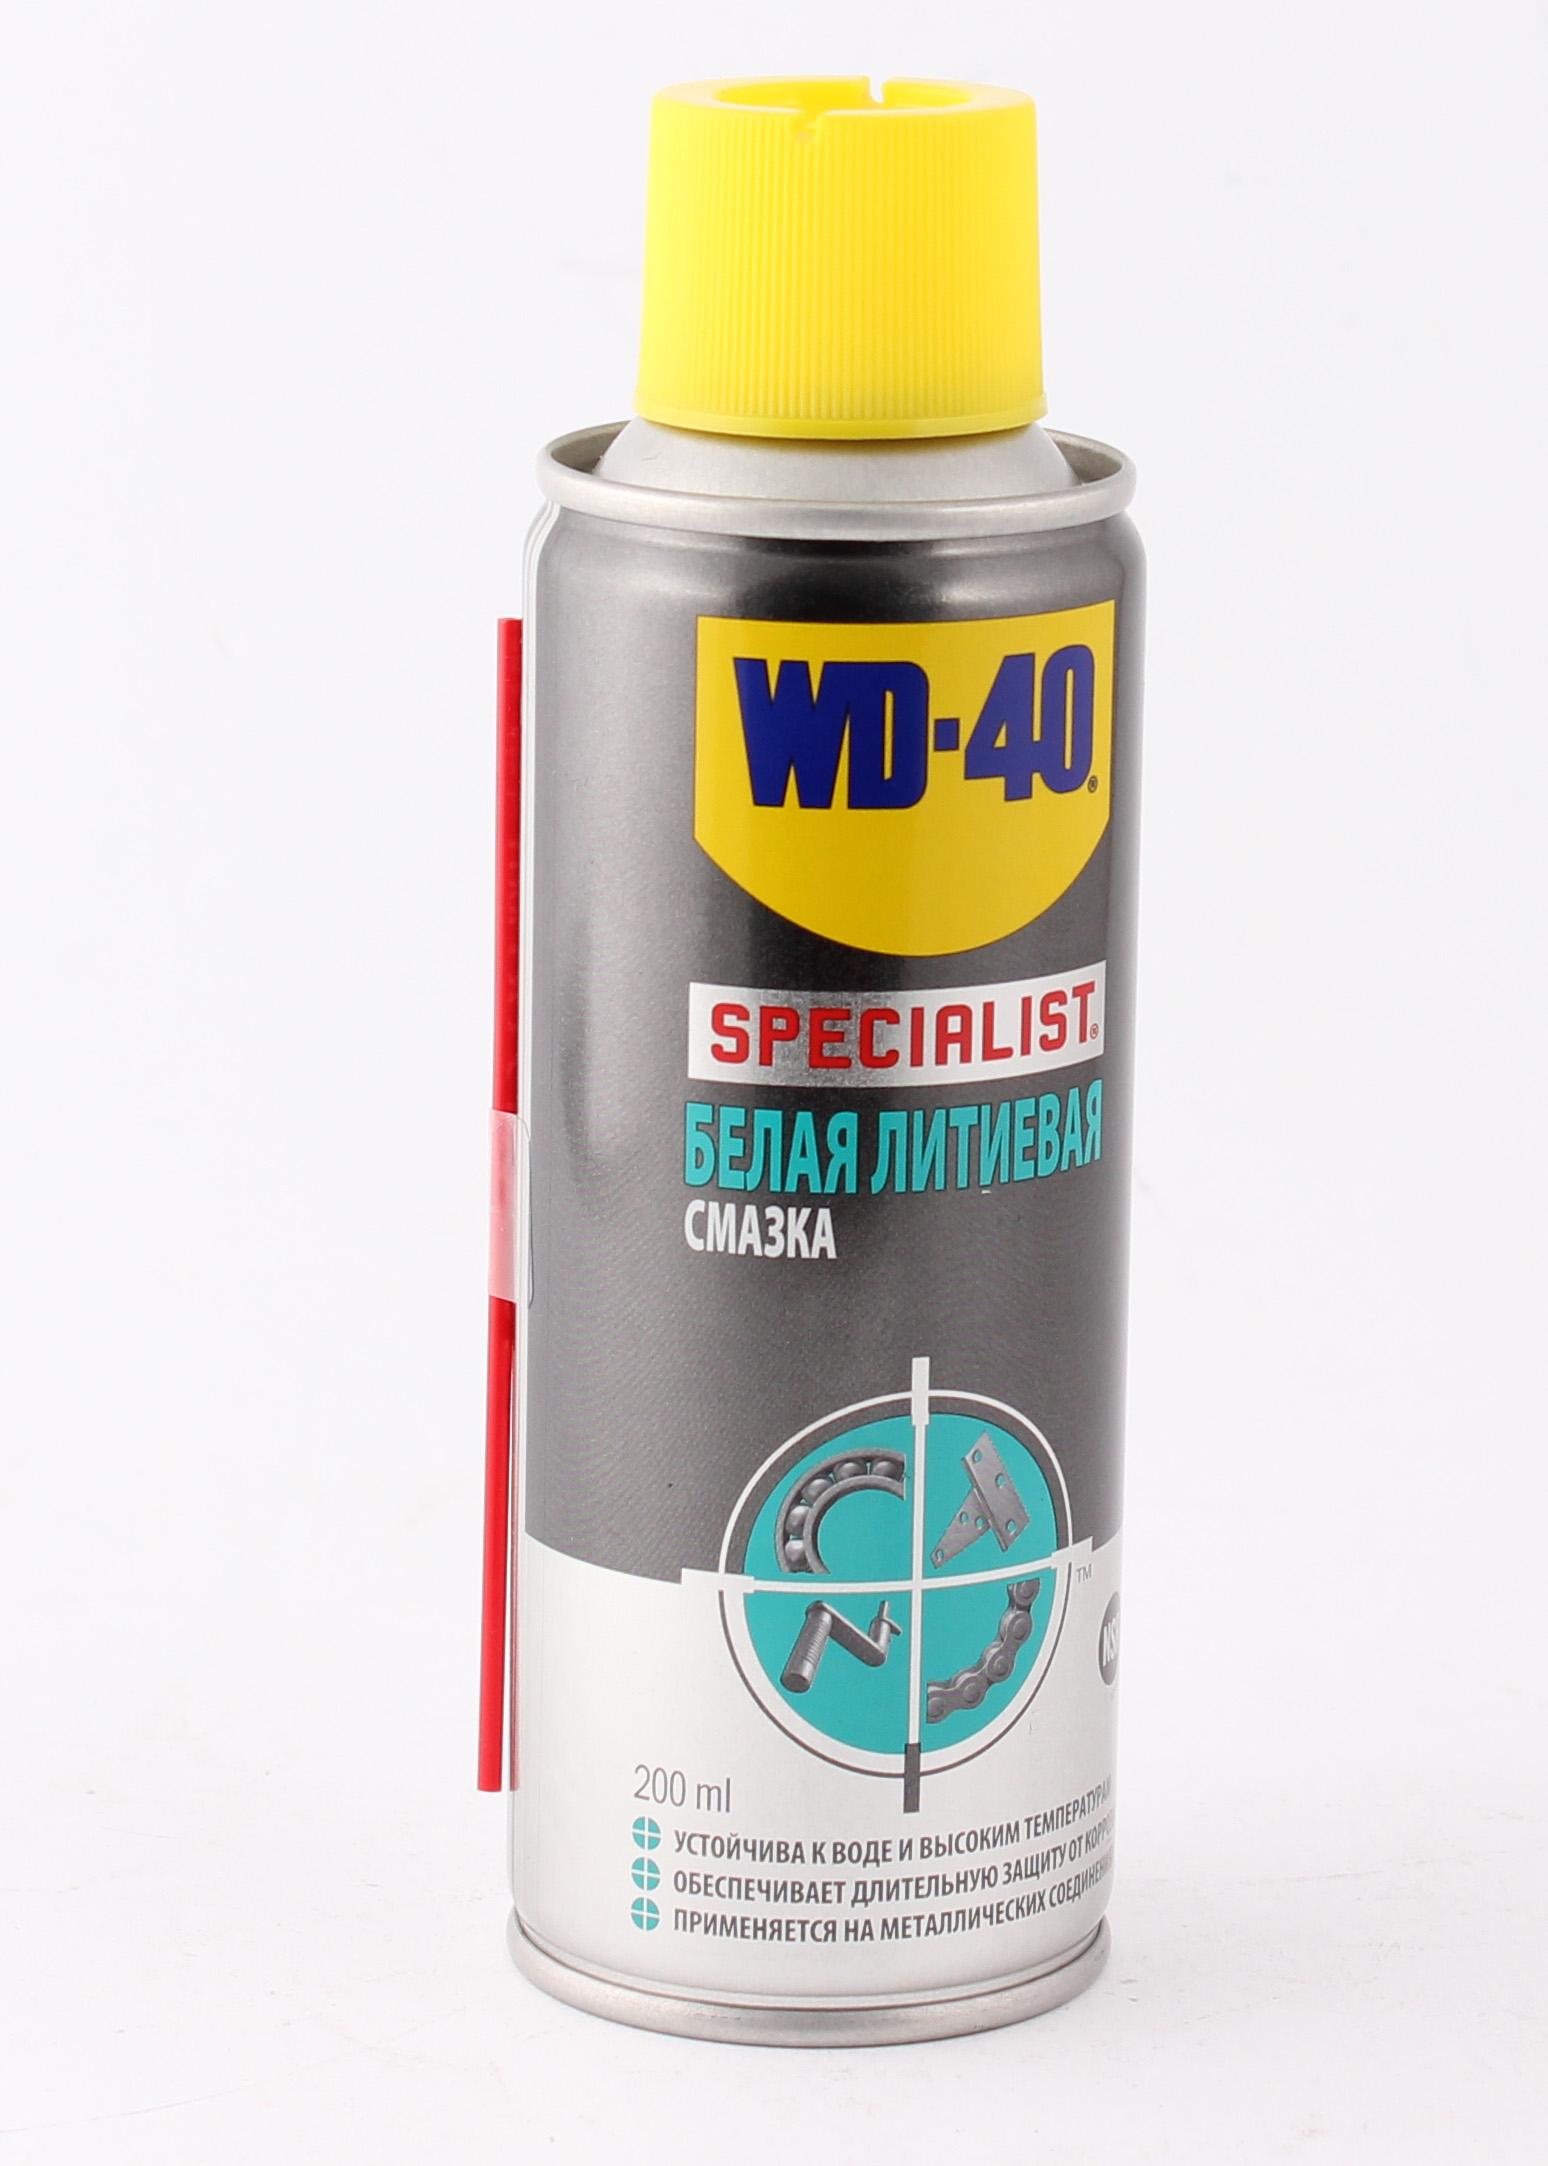 WD-40 Біла літієва змазка Specialist 200мл